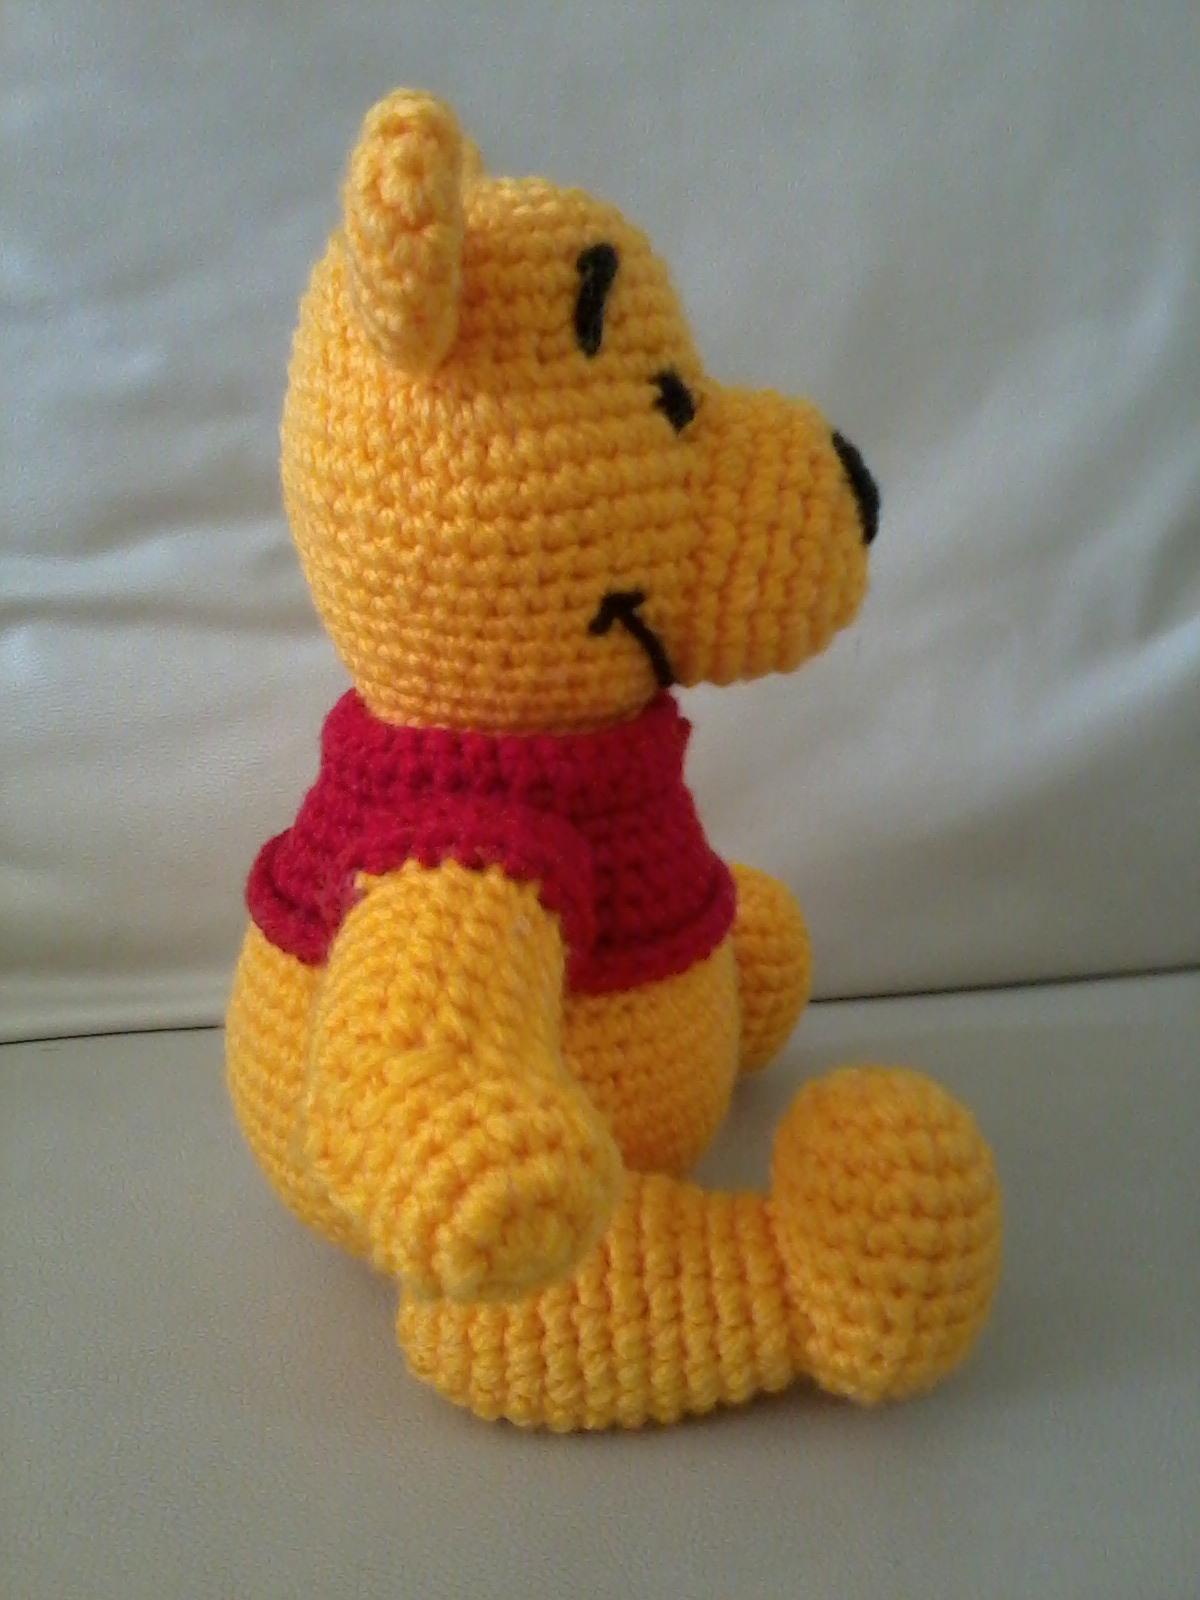 Patron Amigurumi Eeyore : Creaciones y tejidos de Maggie: Winnie the Pooh